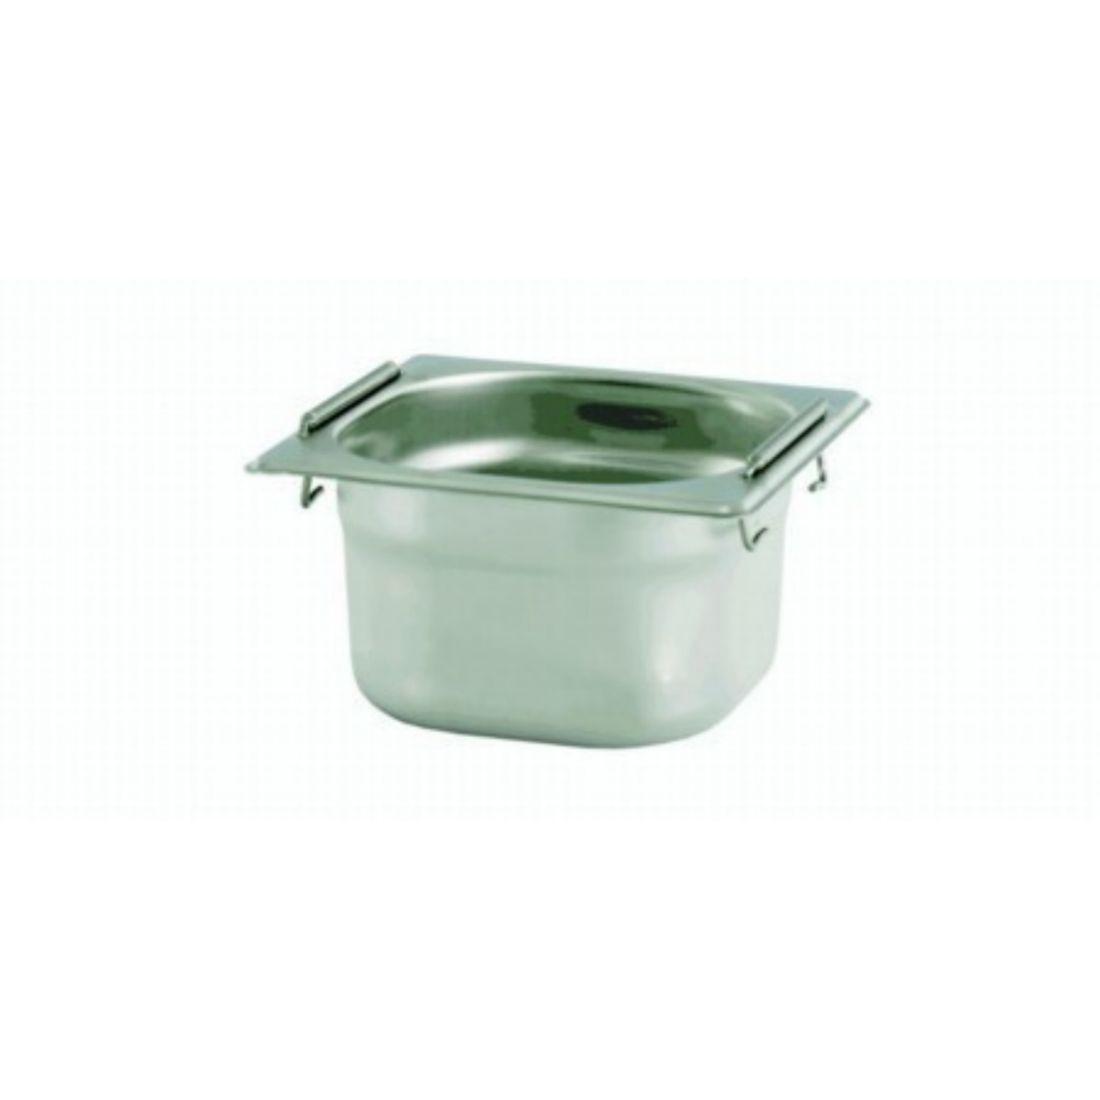 Gastronádoba Profi se sklápěcími úchyty GN 1/6 150 mm